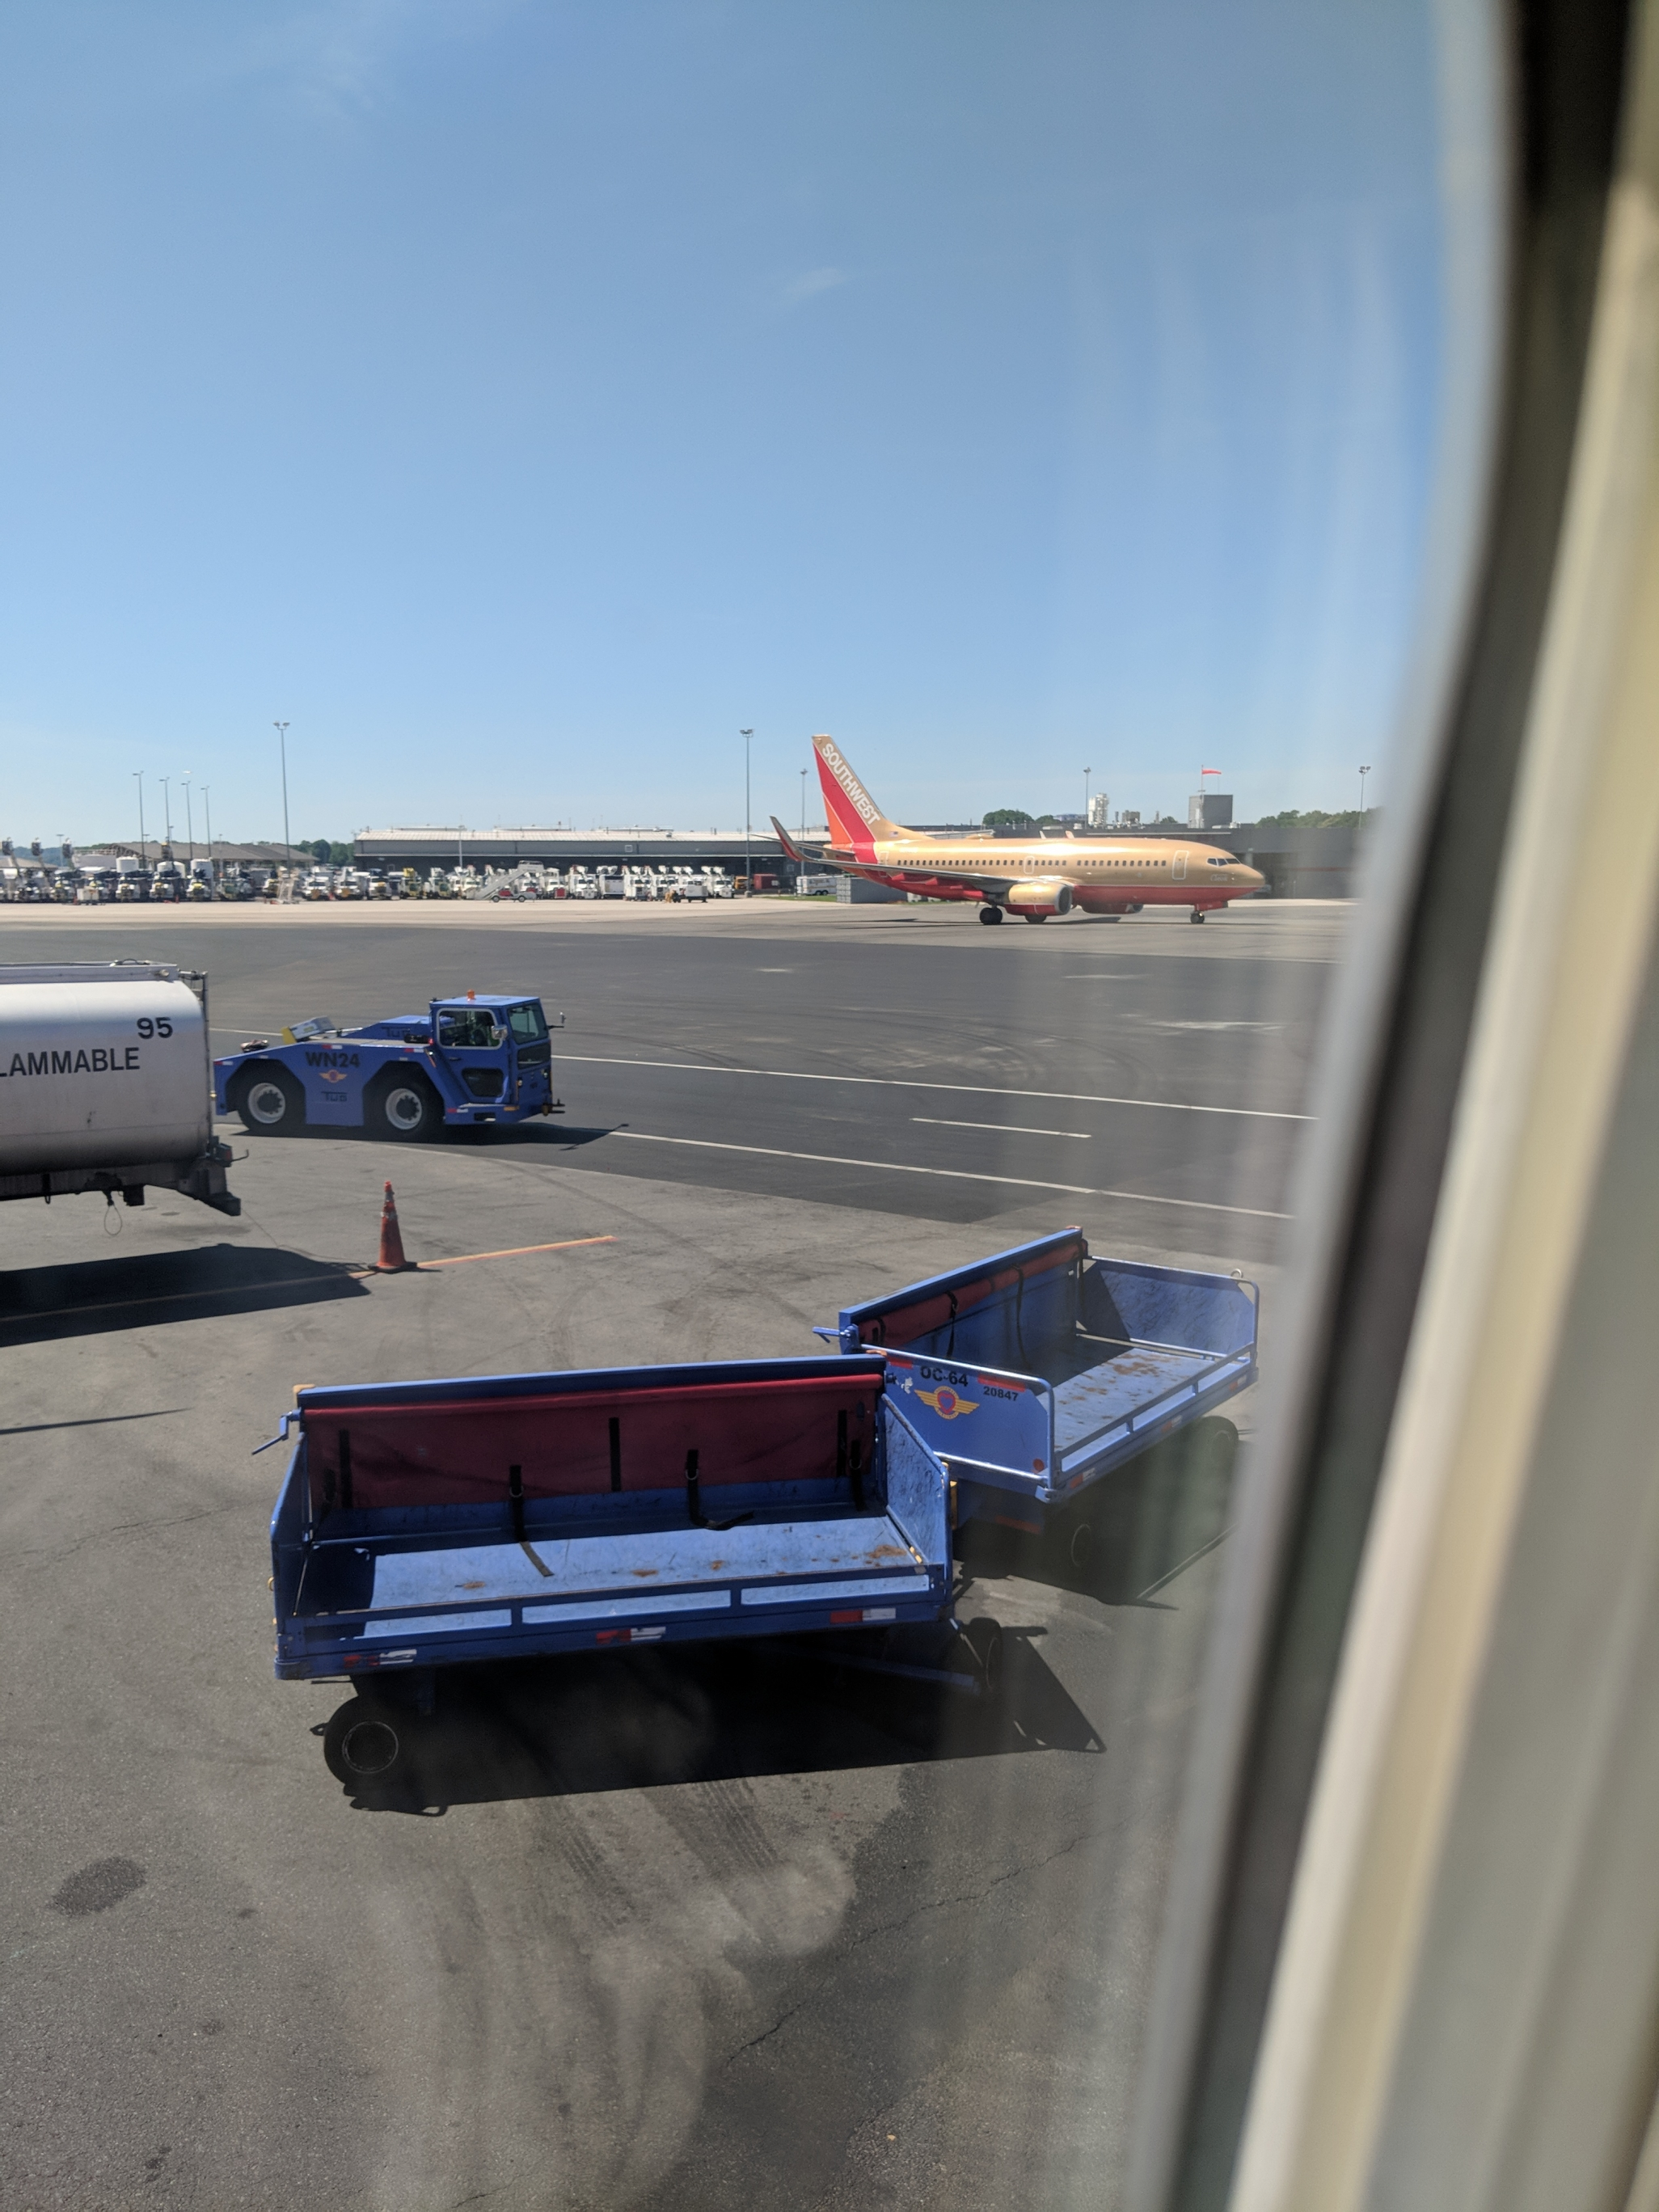 Southwest Desert Gold 737-700